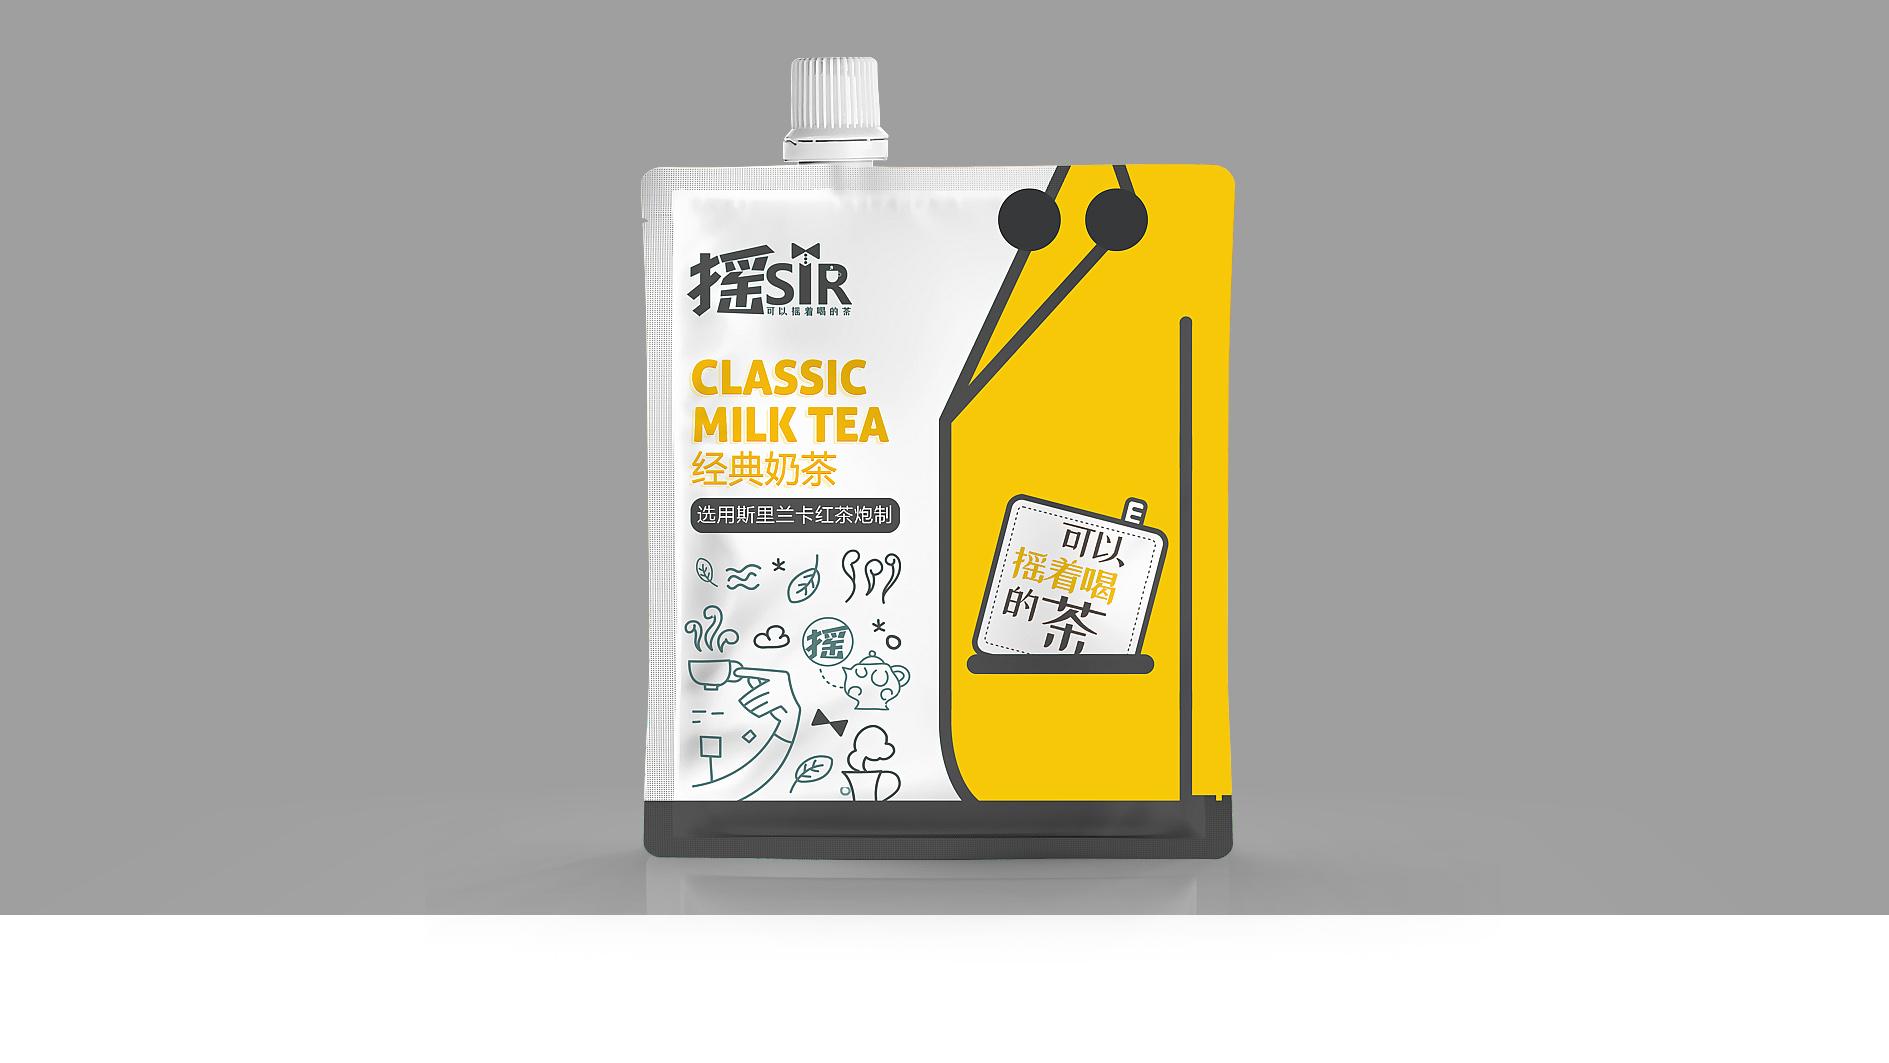 摇Sir奶茶品牌包装设计